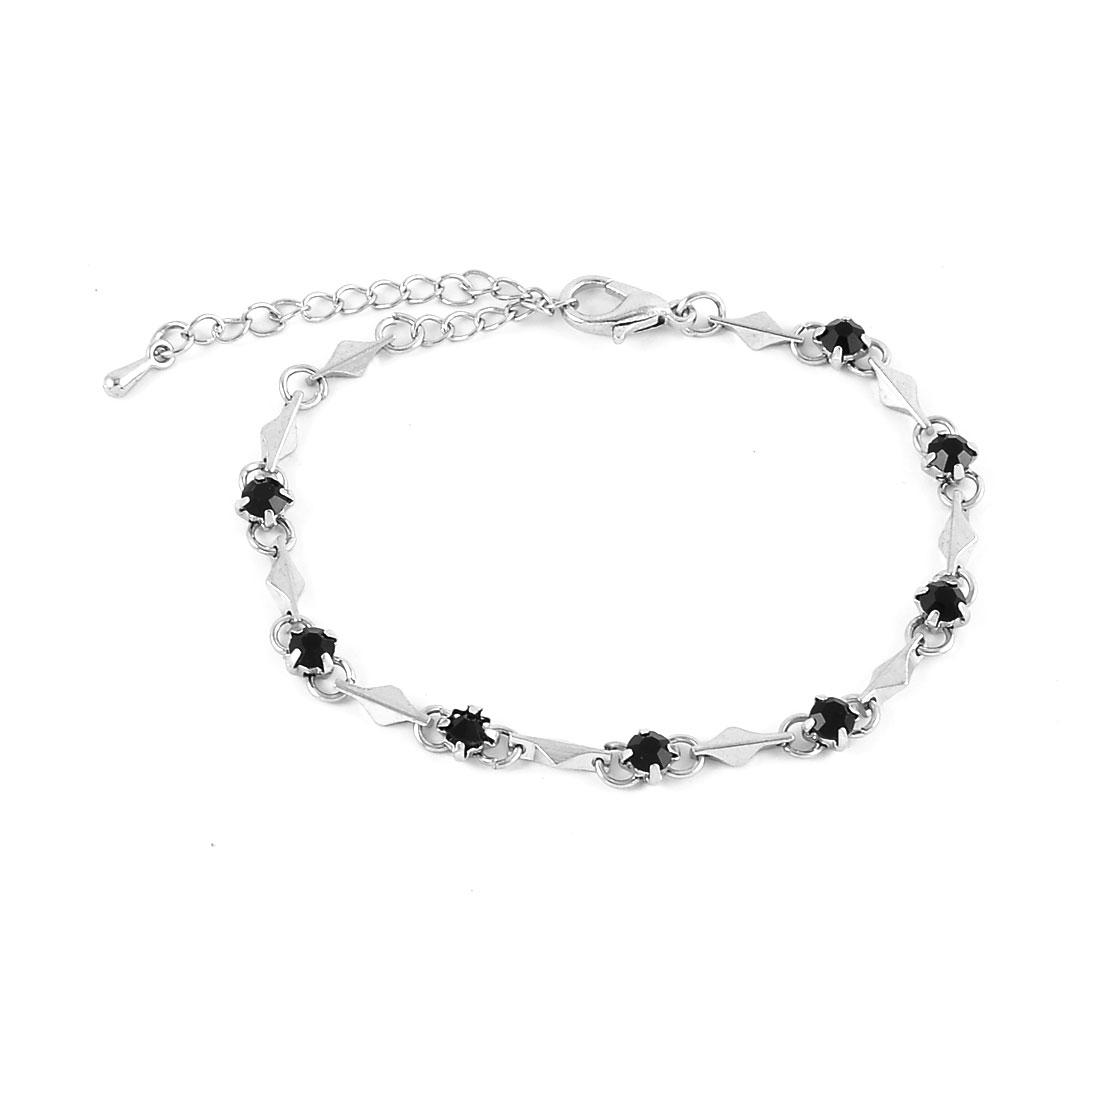 Women Manmade Decoration Wrist Chain Bangle Bracelet Black Silver Tone